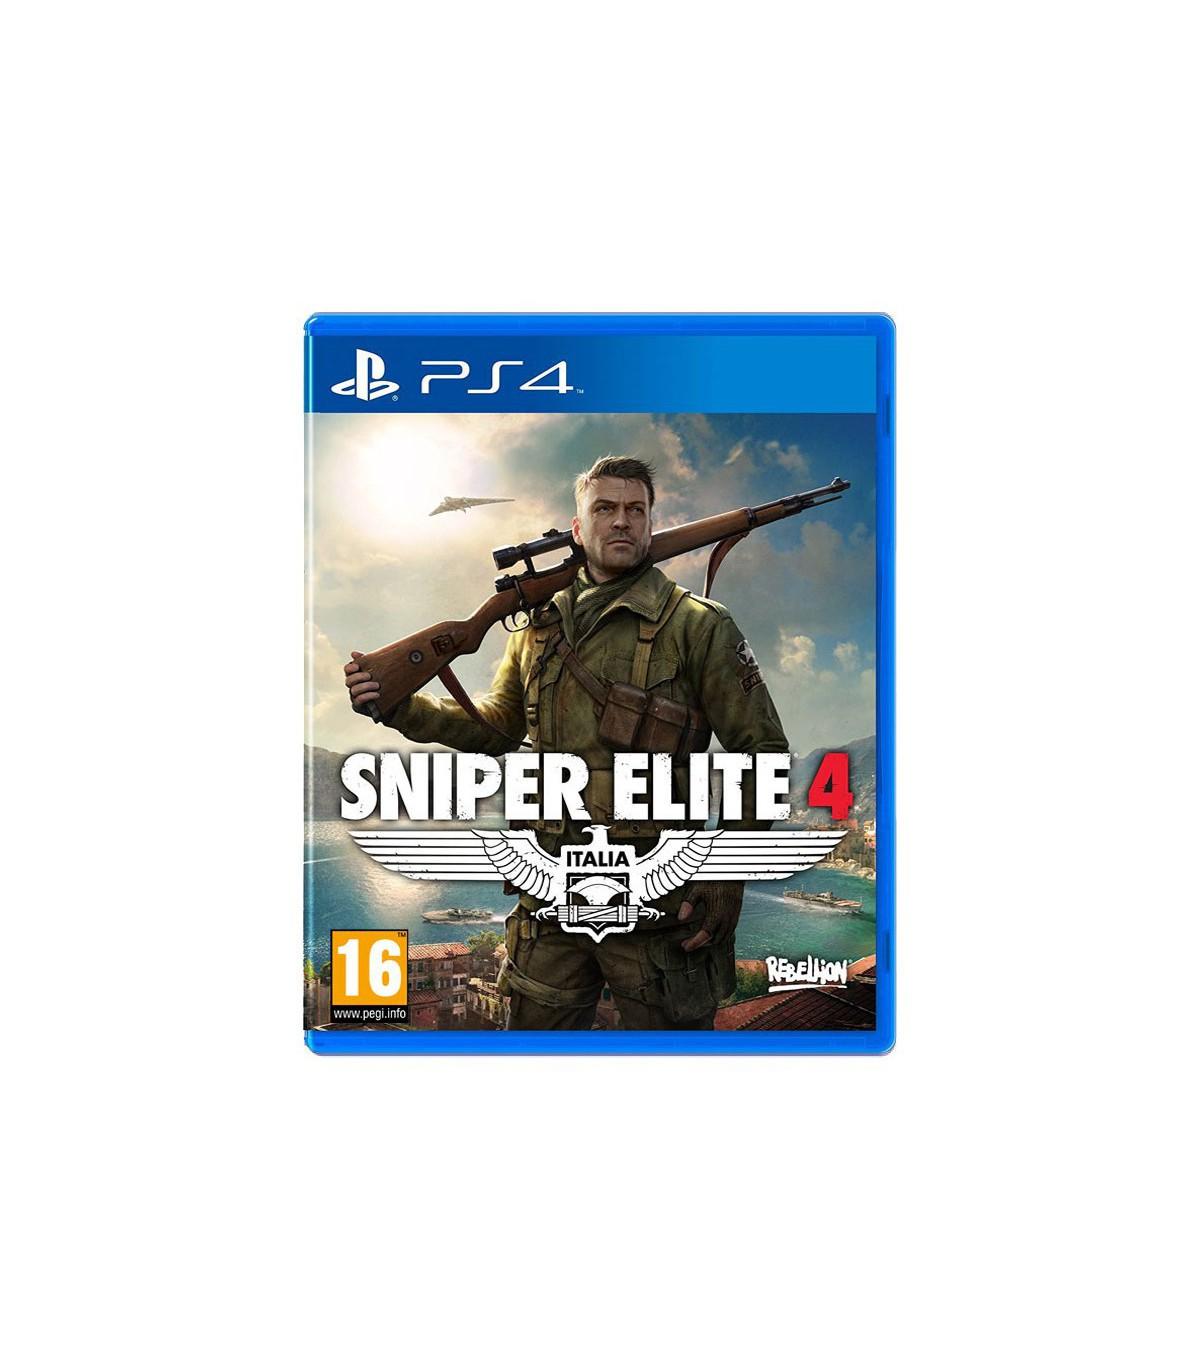 بازی Sniper Elite 4 - پلی استیشن ۴